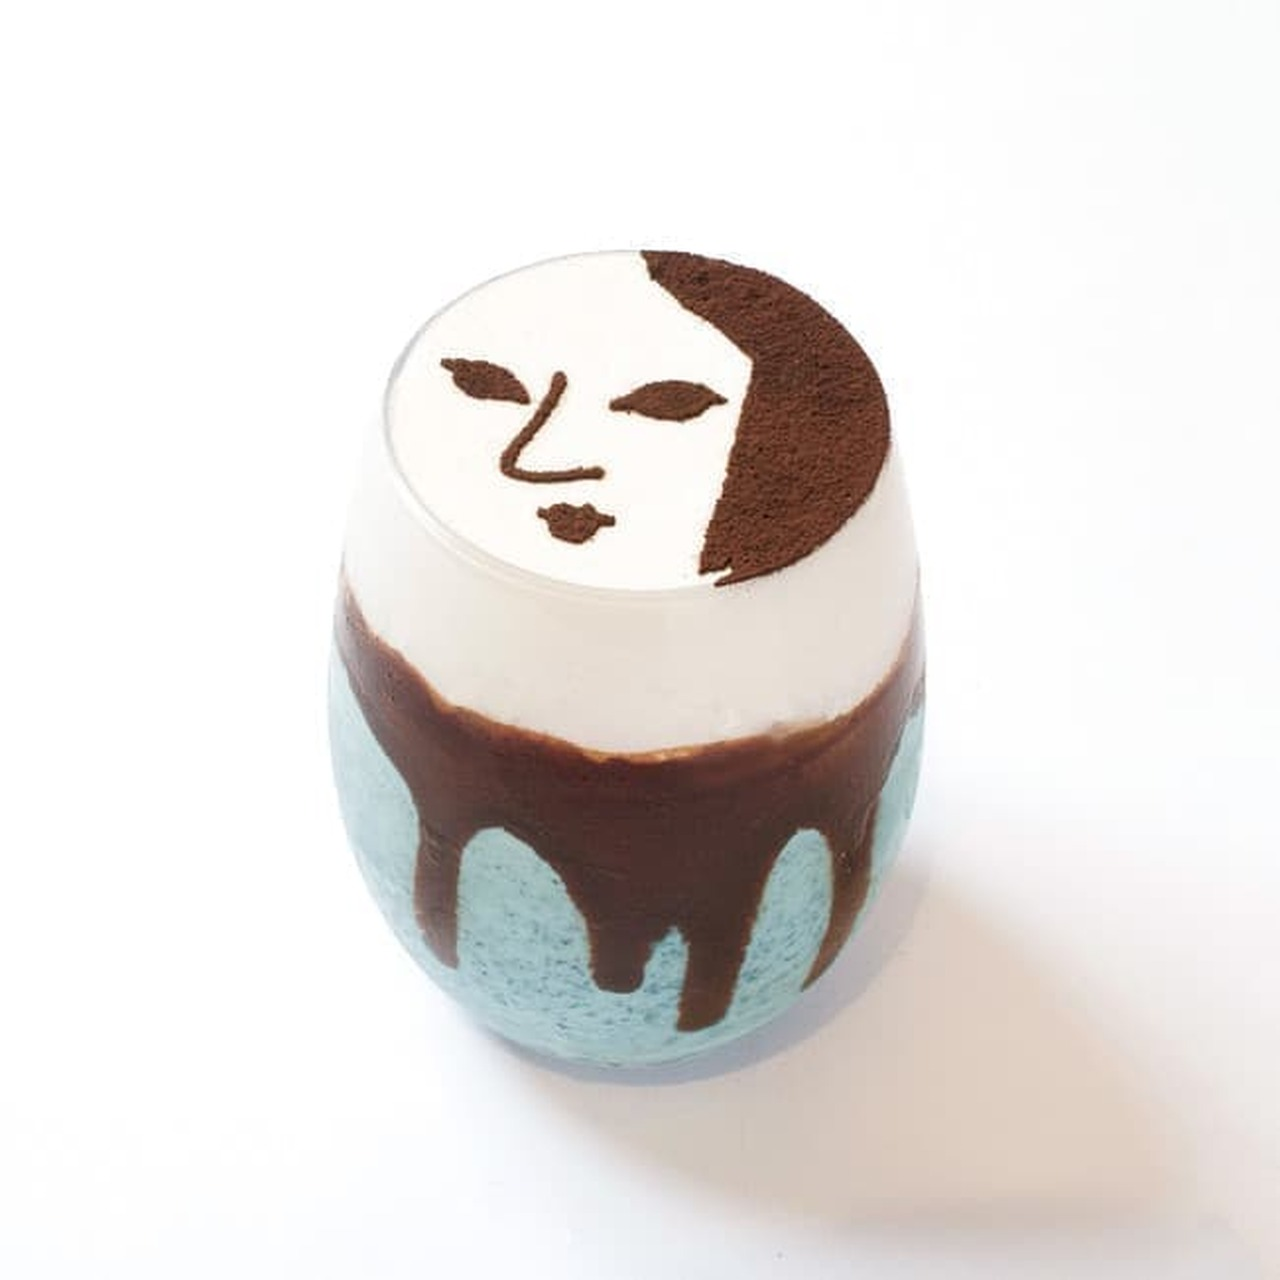 よーじやカフェ「チョコミントパフェ」「チョコミントスムージー」